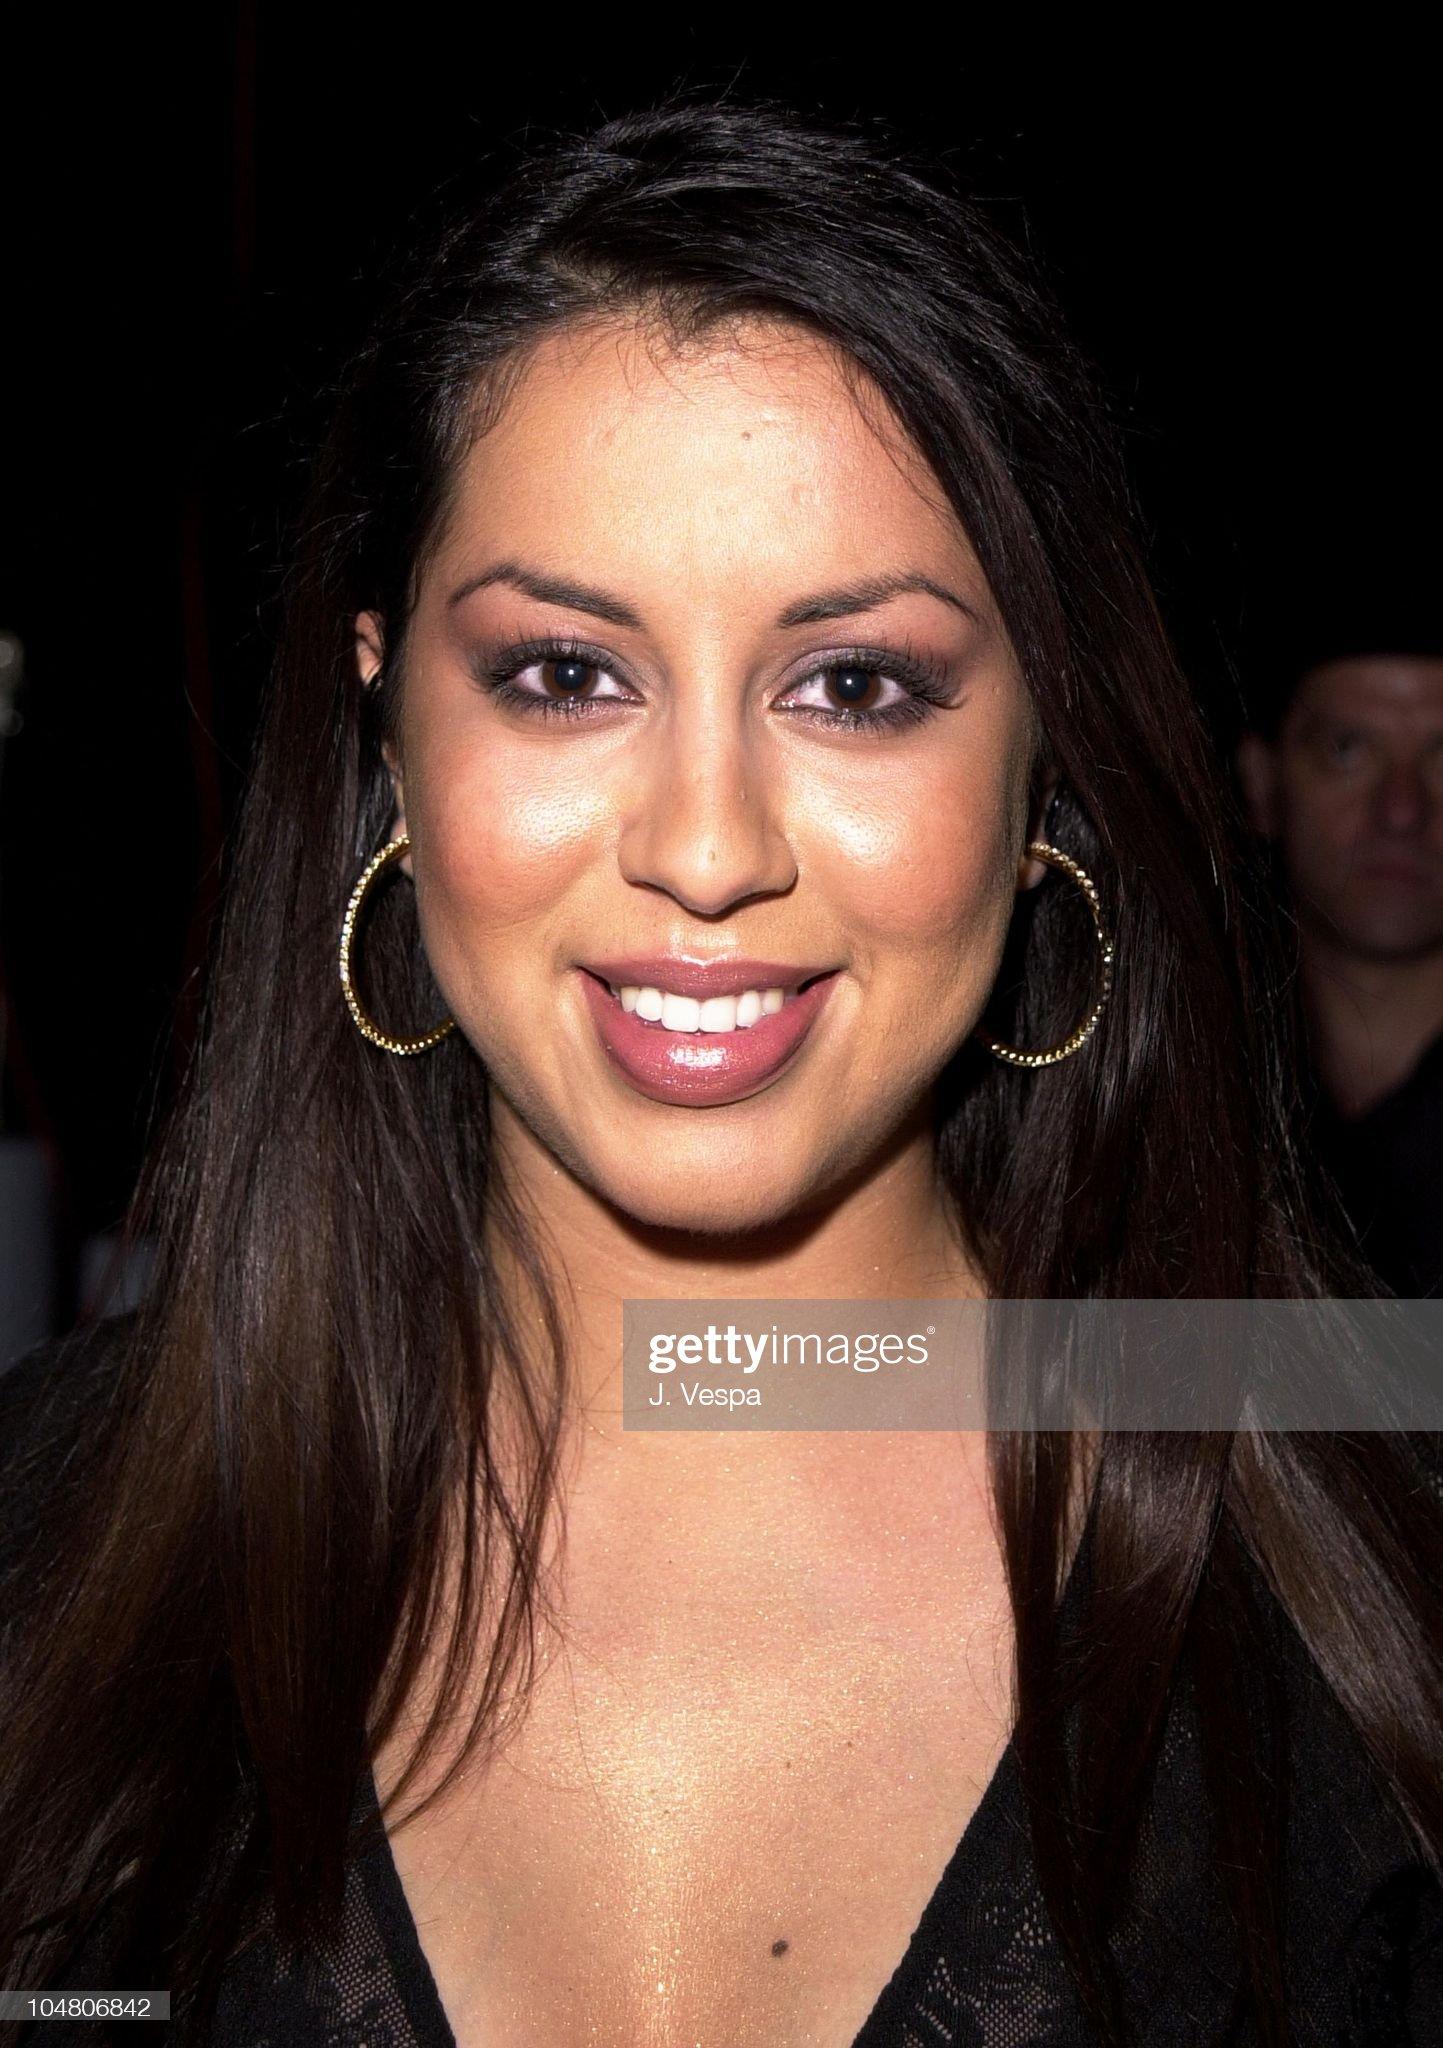 Las mezclas amerindias y europeas - Mestizas y mestizos - Página 27 Nydia-rojas-during-the-2001-alma-awards-show-and-backstage-at-civic-picture-id104806842?s=2048x2048